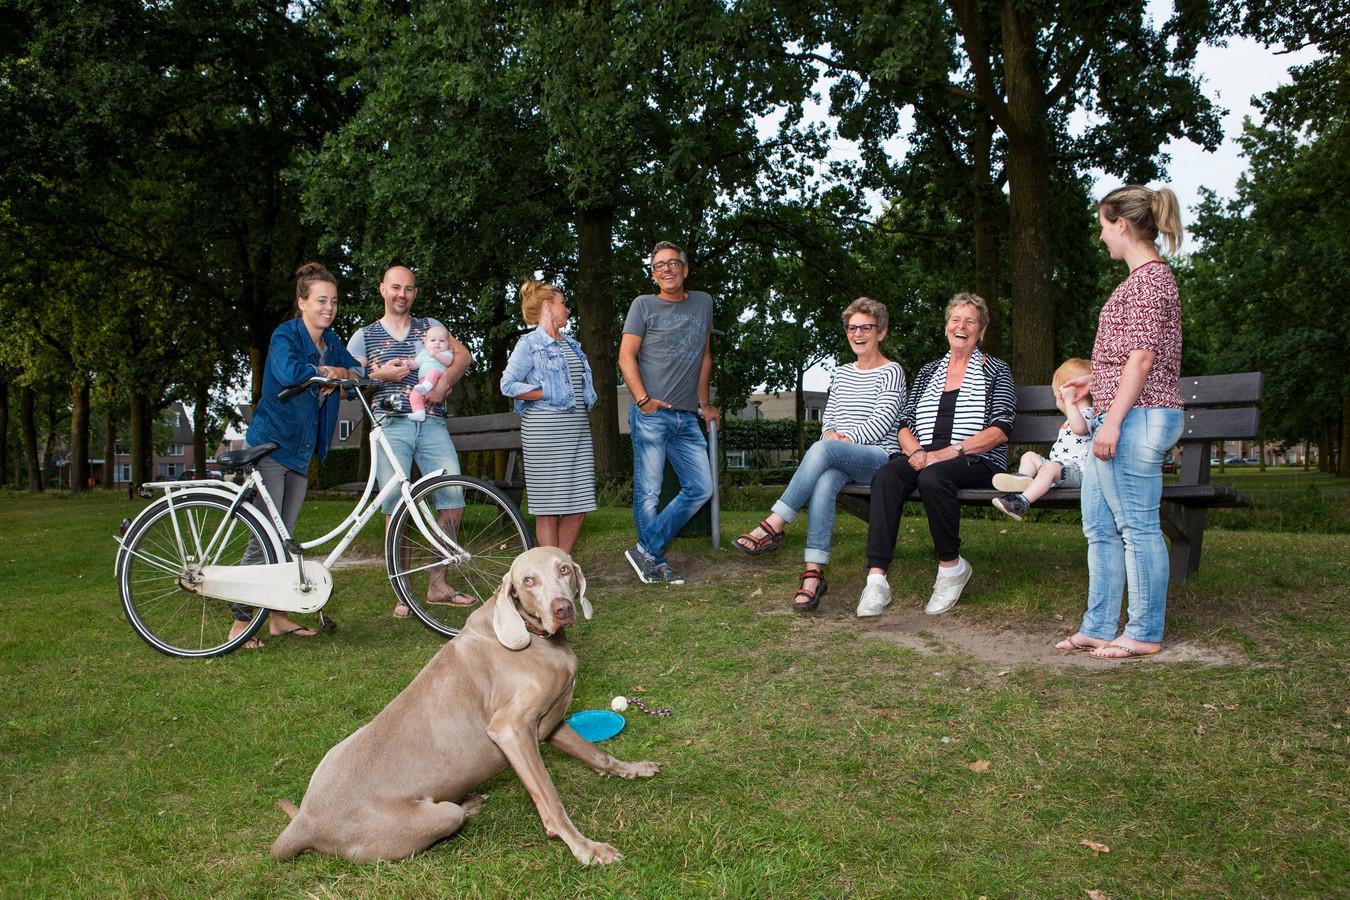 Leden van het buurtteam Gemert Binnen-Slenk, met op de bank, met sjaal, Afra ter Laak en links Wiesje van Nunen van Buurkracht die de groep ondersteunt.